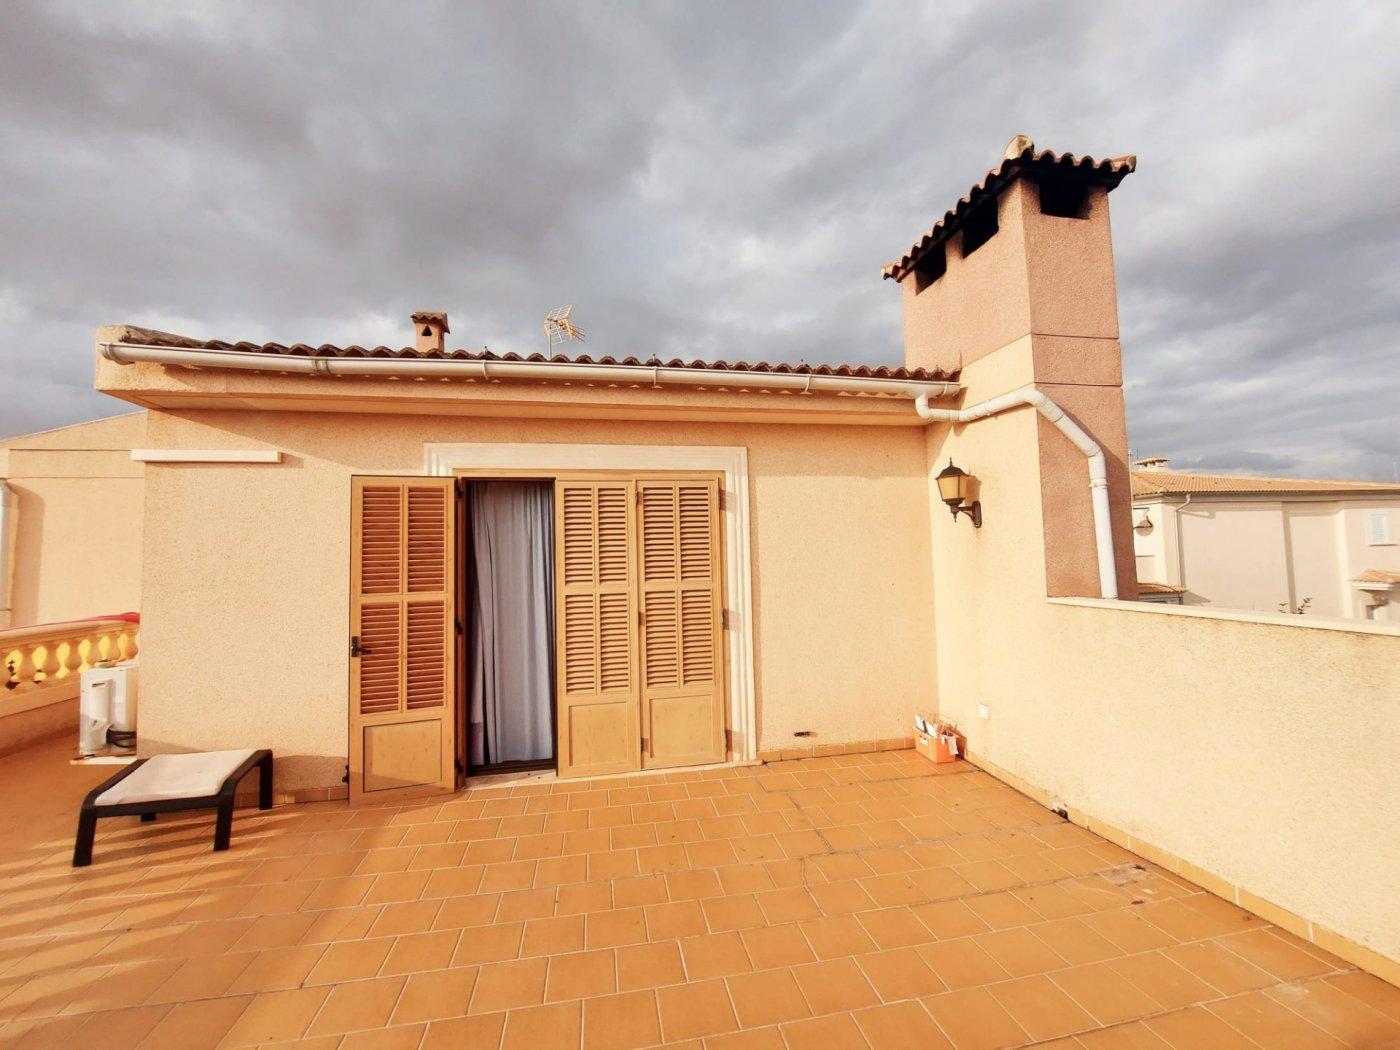 En venta espectacular casa o chalet en can carbonellell-sa cabana - imagenInmueble35